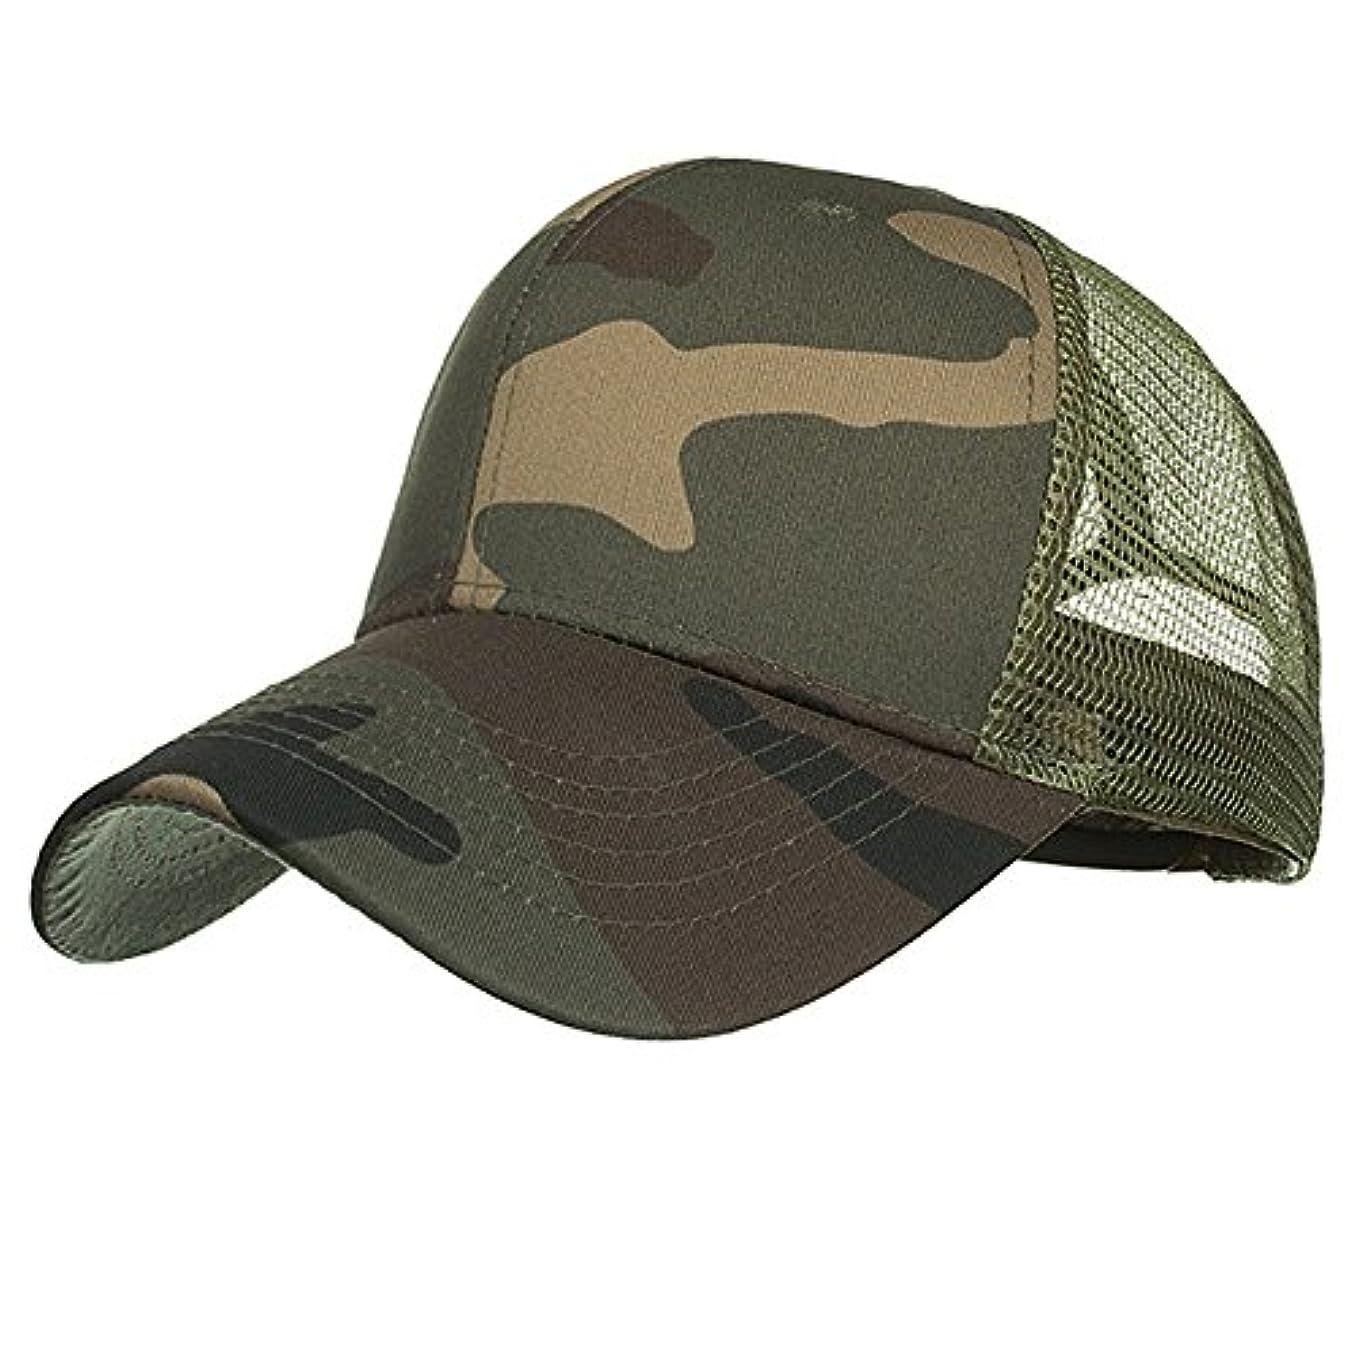 磁器バンカー日Racazing Cap 迷彩 野球帽 メッシュステッチ 通気性のある 帽子 夏 登山 可調整可能 刺繍 棒球帽 UV 帽子 軽量 屋外 Unisex Hat (A)